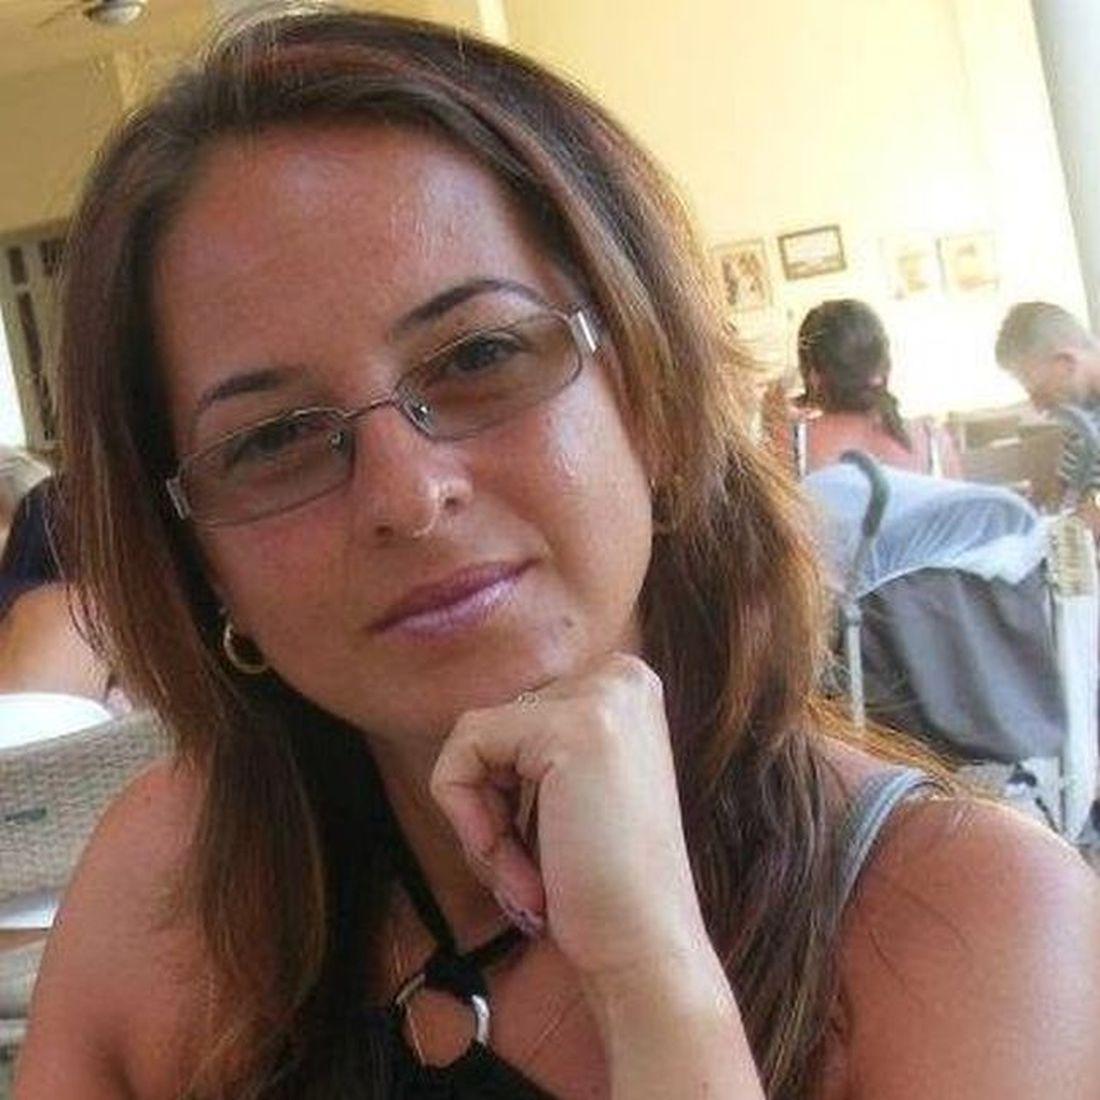 Ionela-Catalina-Popa.1100-foto-Ionela-Catalina-Popa.facebook.com_